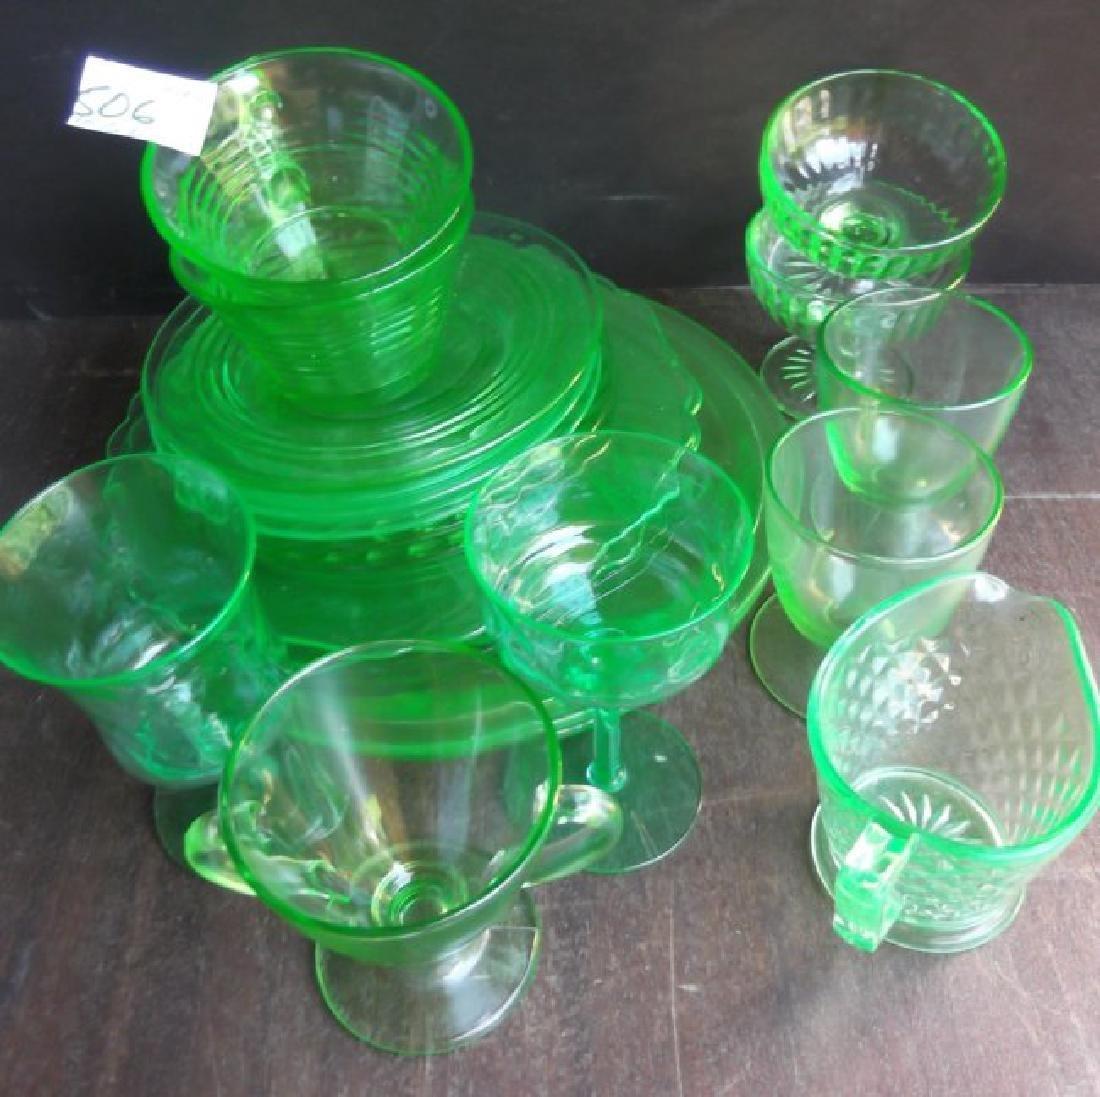 green depression vaseline glass - 3